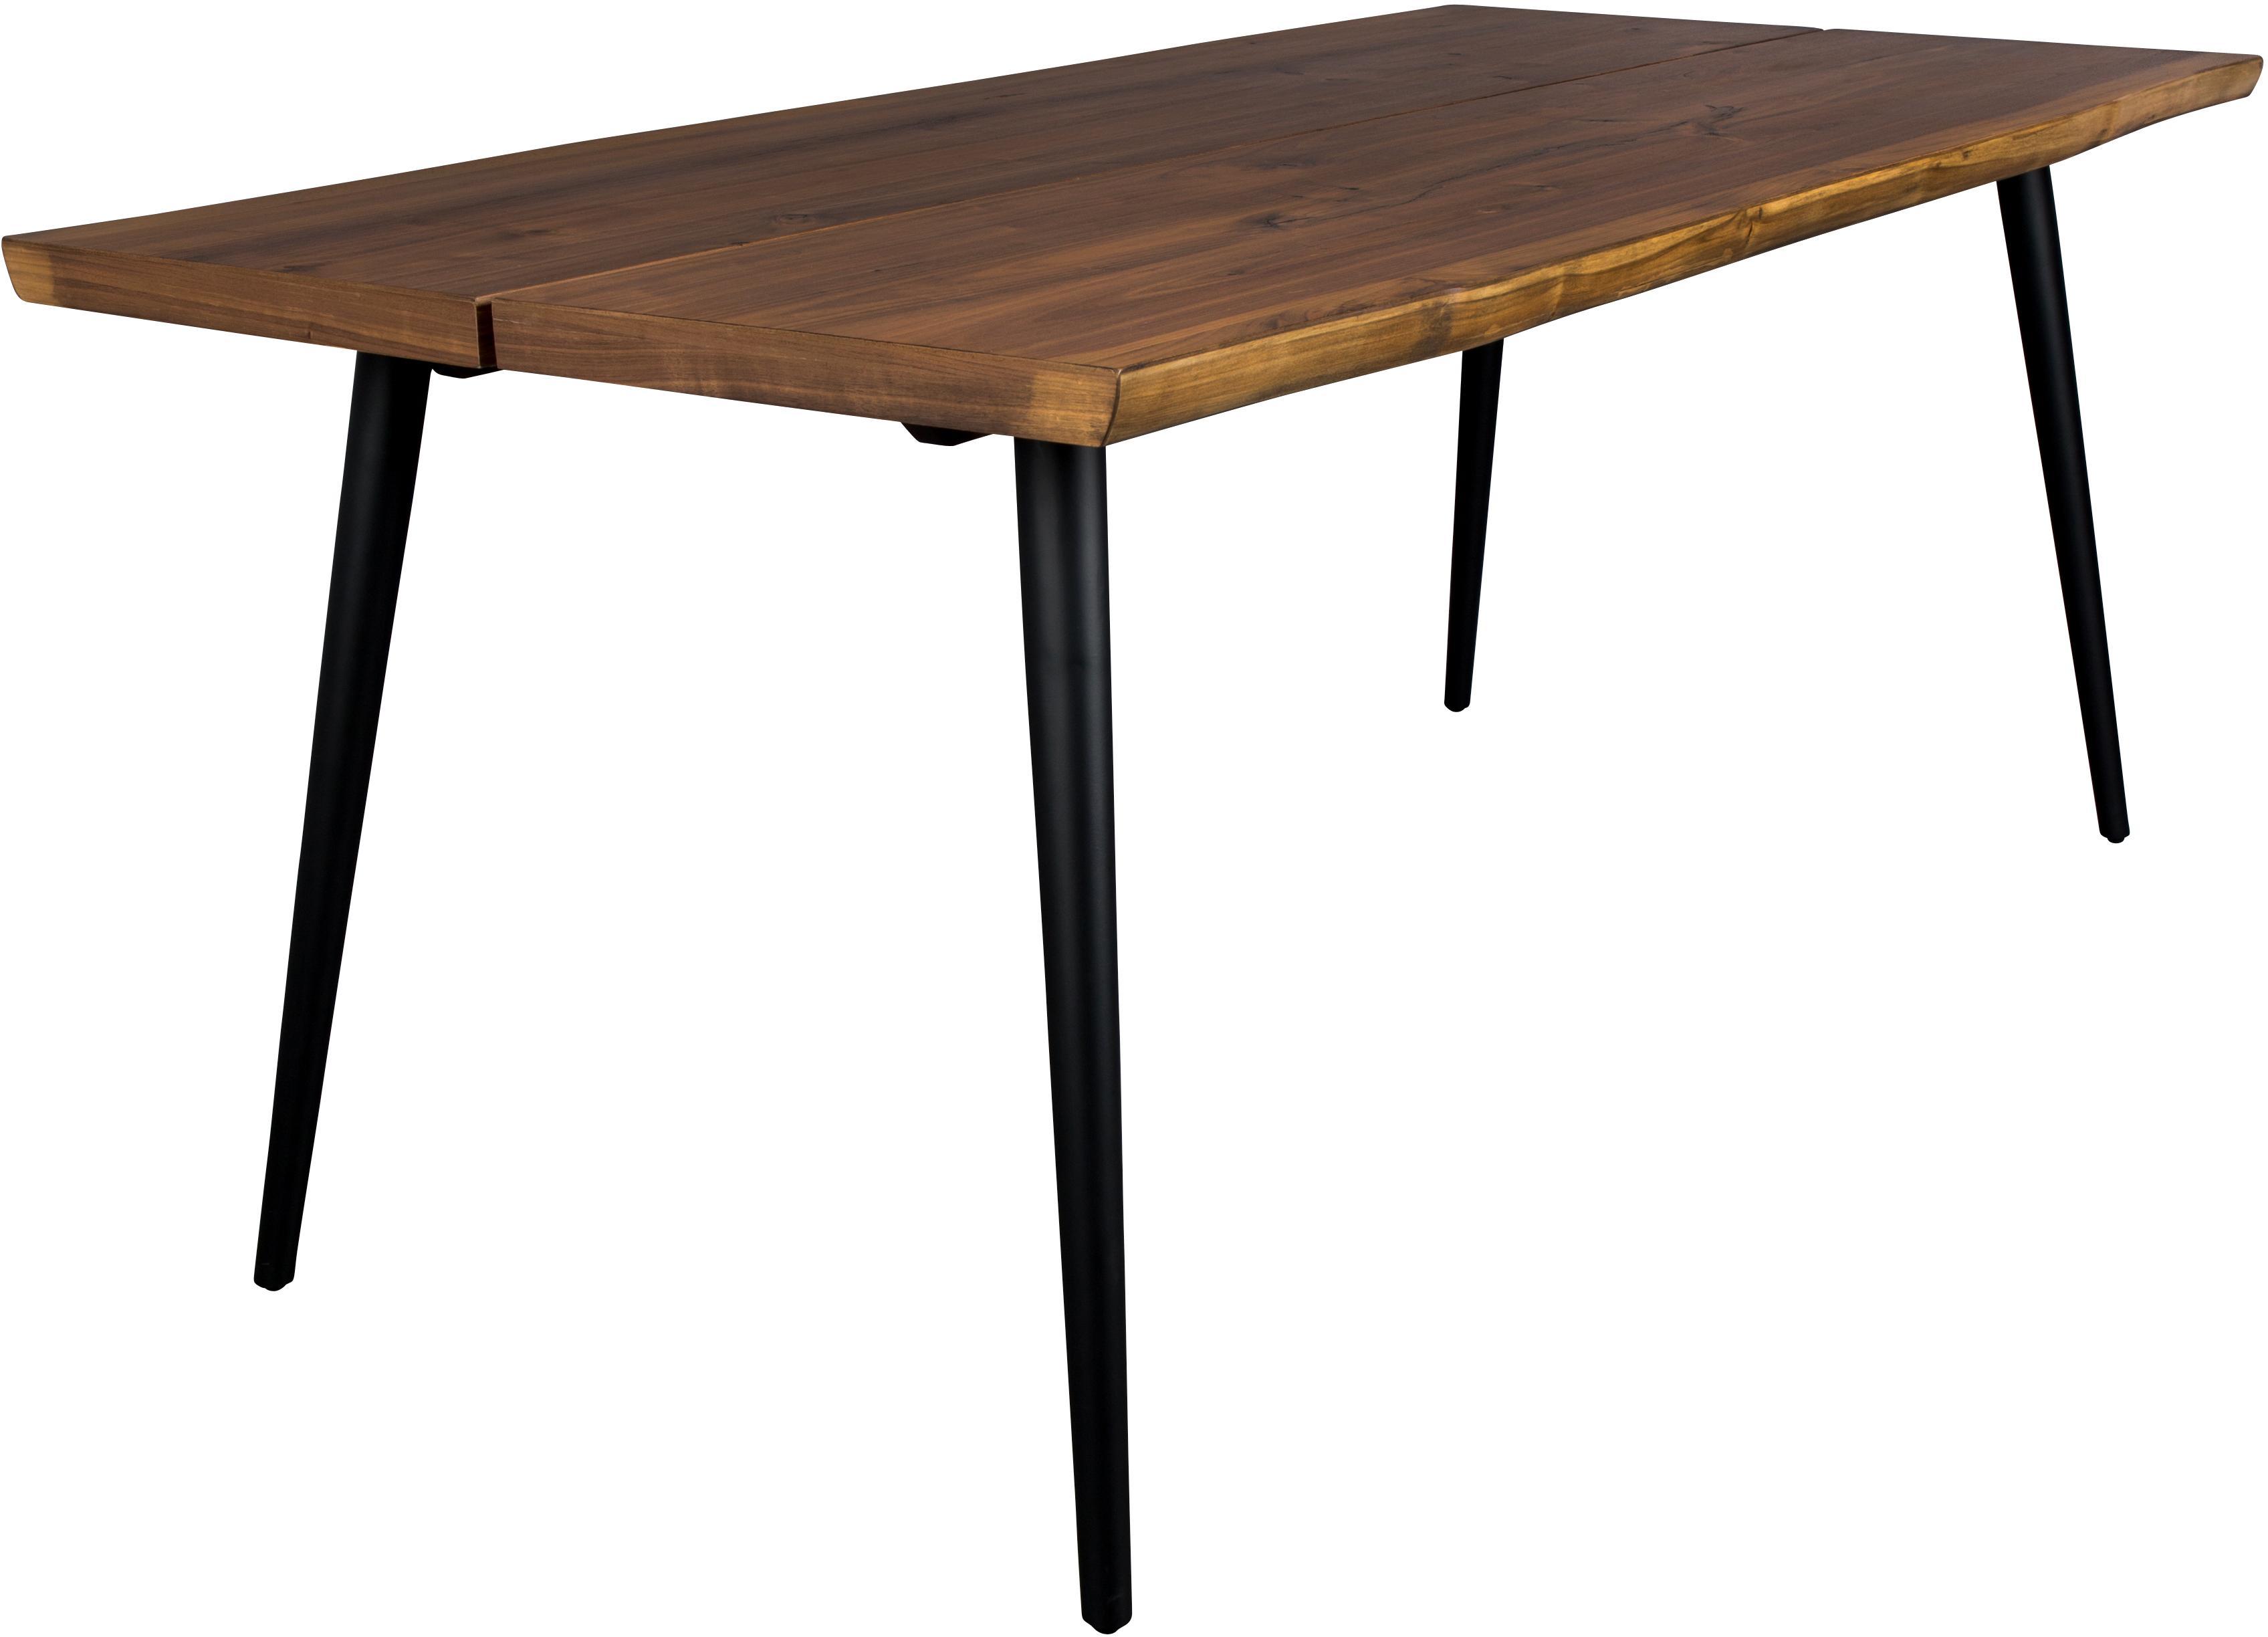 Esstisch Alagon mit Baumkante, Tischplatte: Mitteldichte Holzfaserpla, Beine: Stahl, pulverbeschichtet, Walnuss, B 180 x T 90 cm